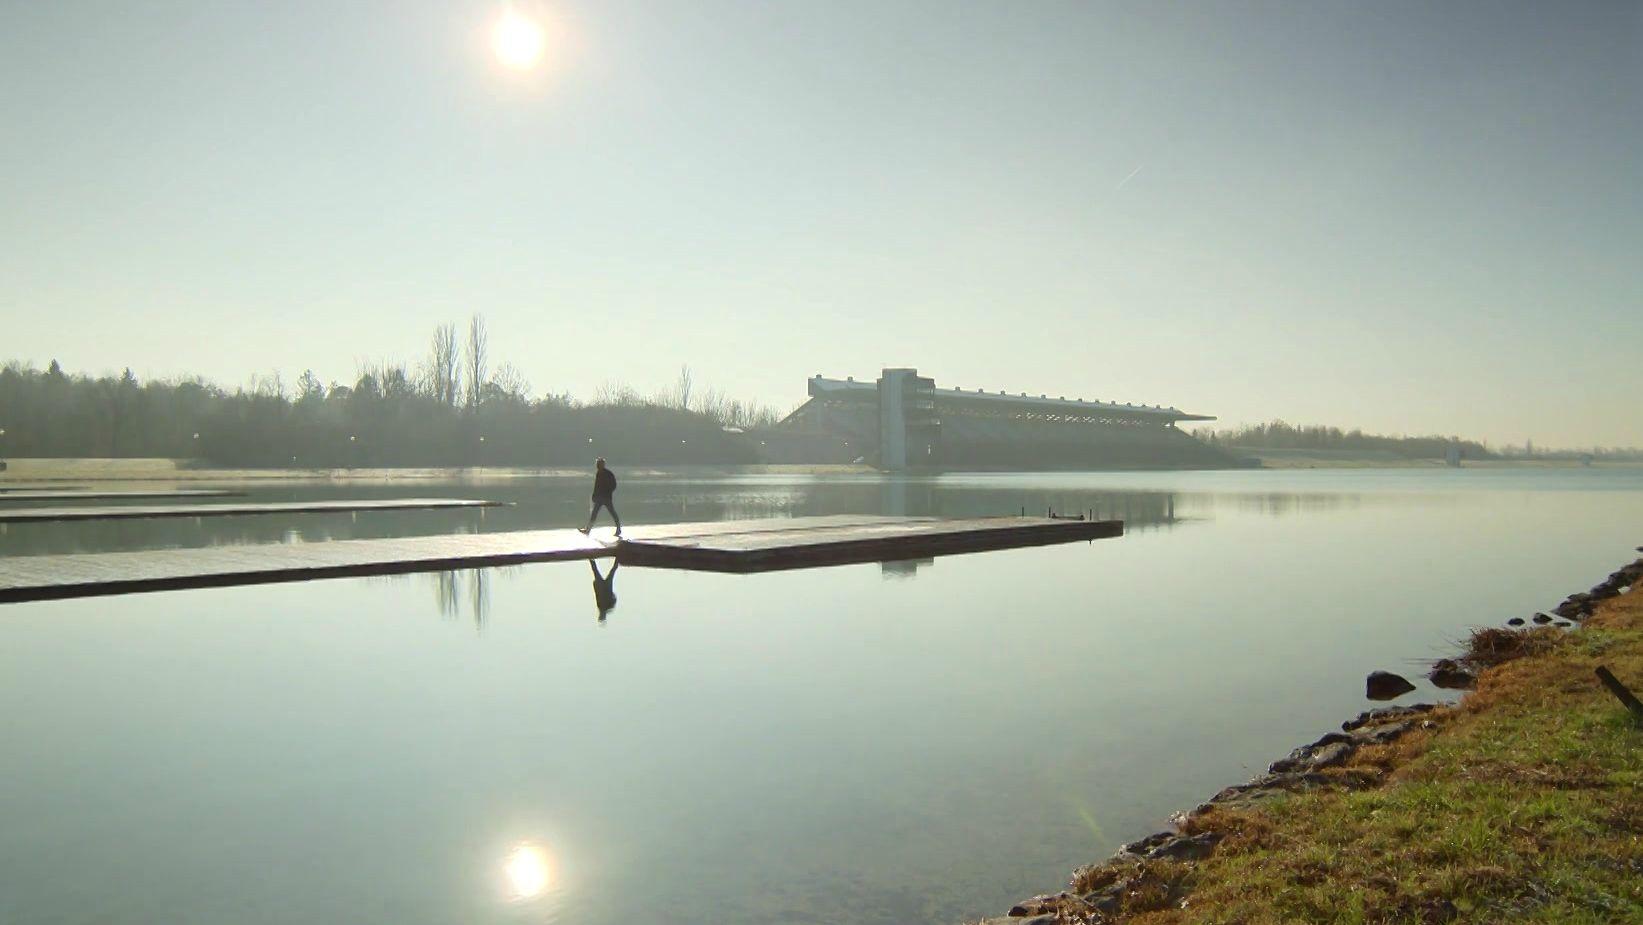 Die Olympia-Regattastrecke in Oberschleißheim